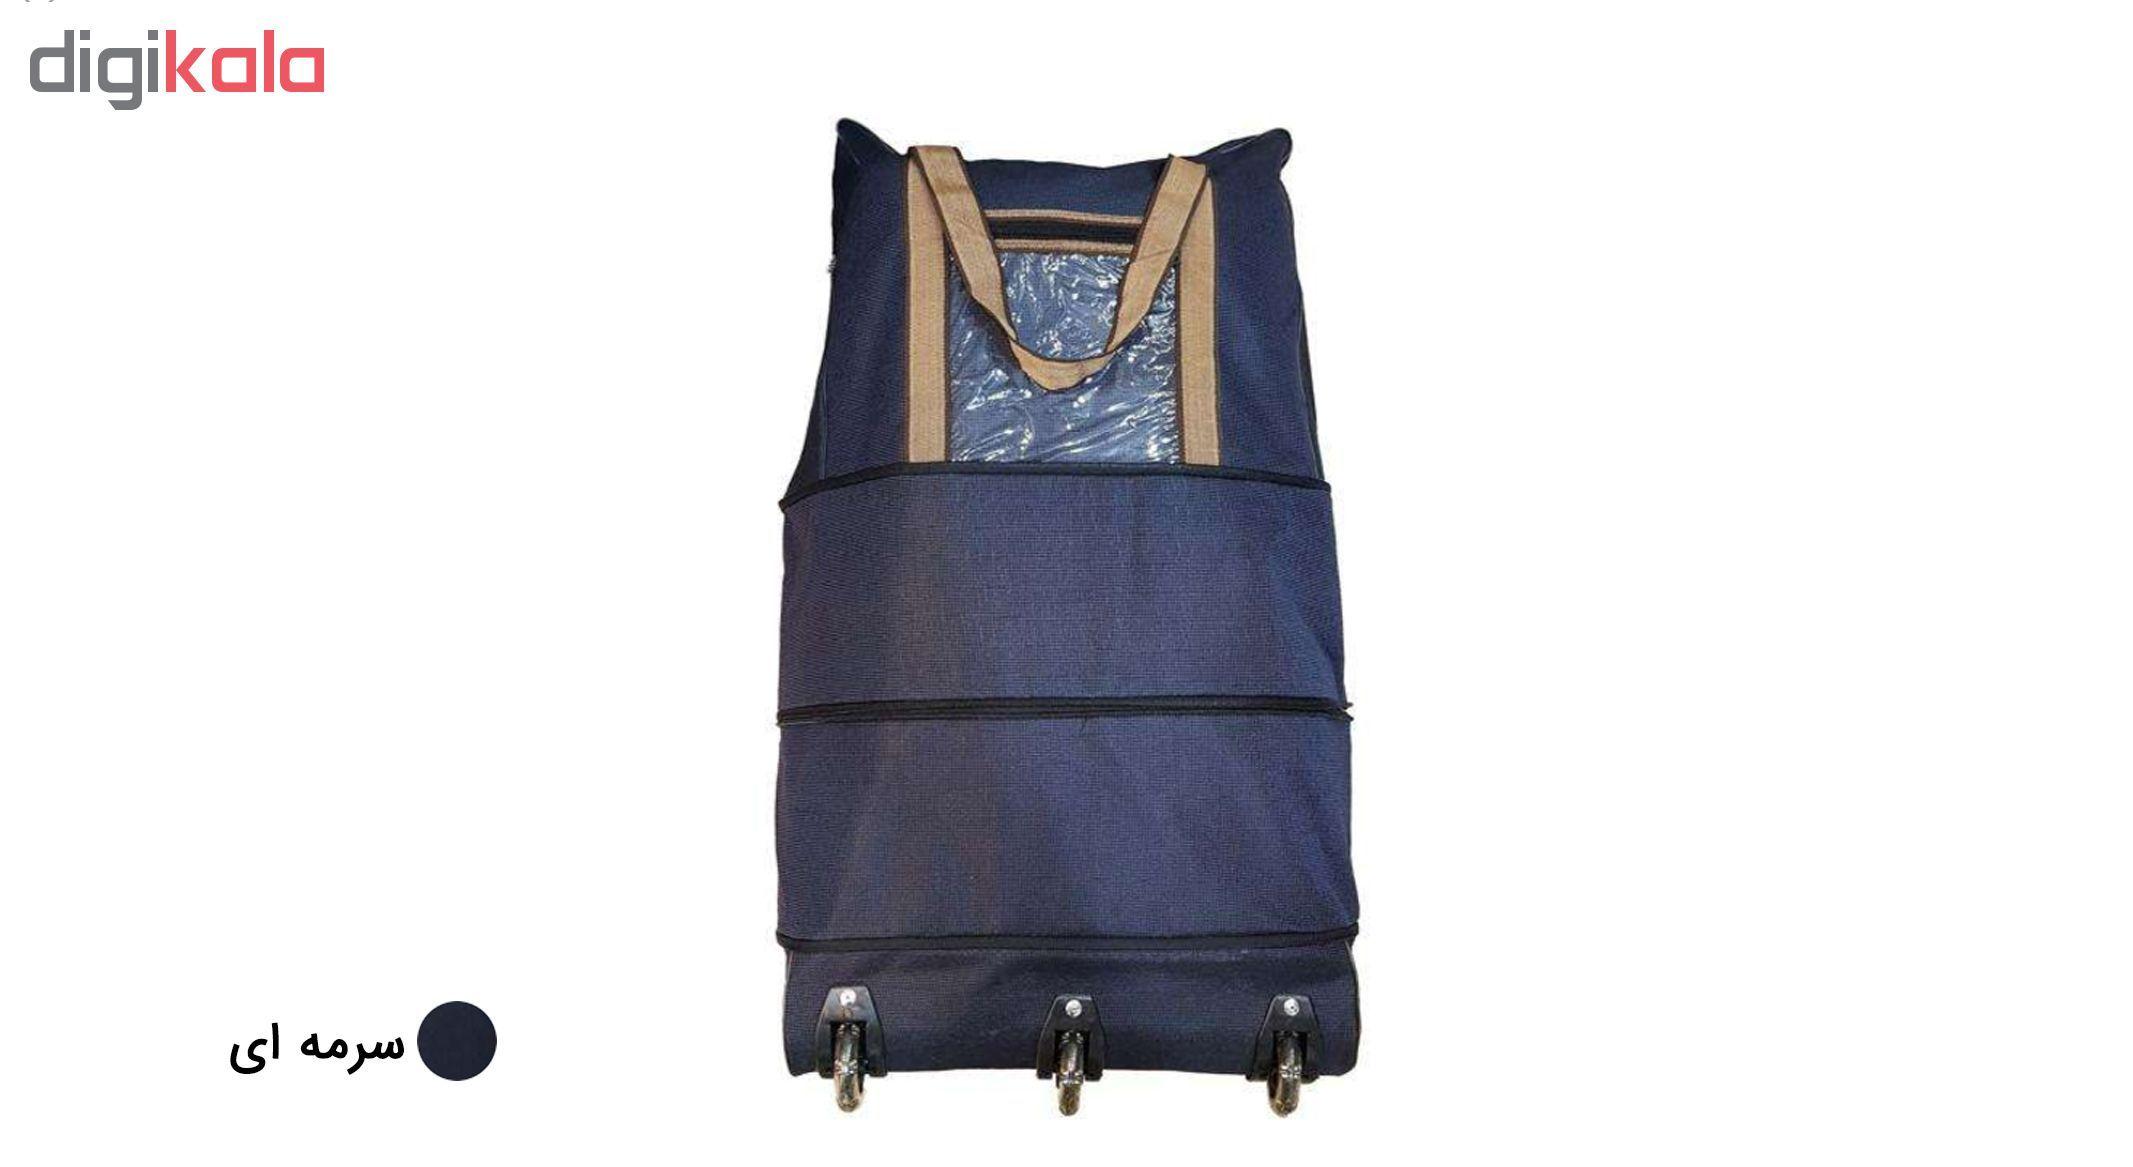 ساک سفری مدل Blue-jambo main 1 2